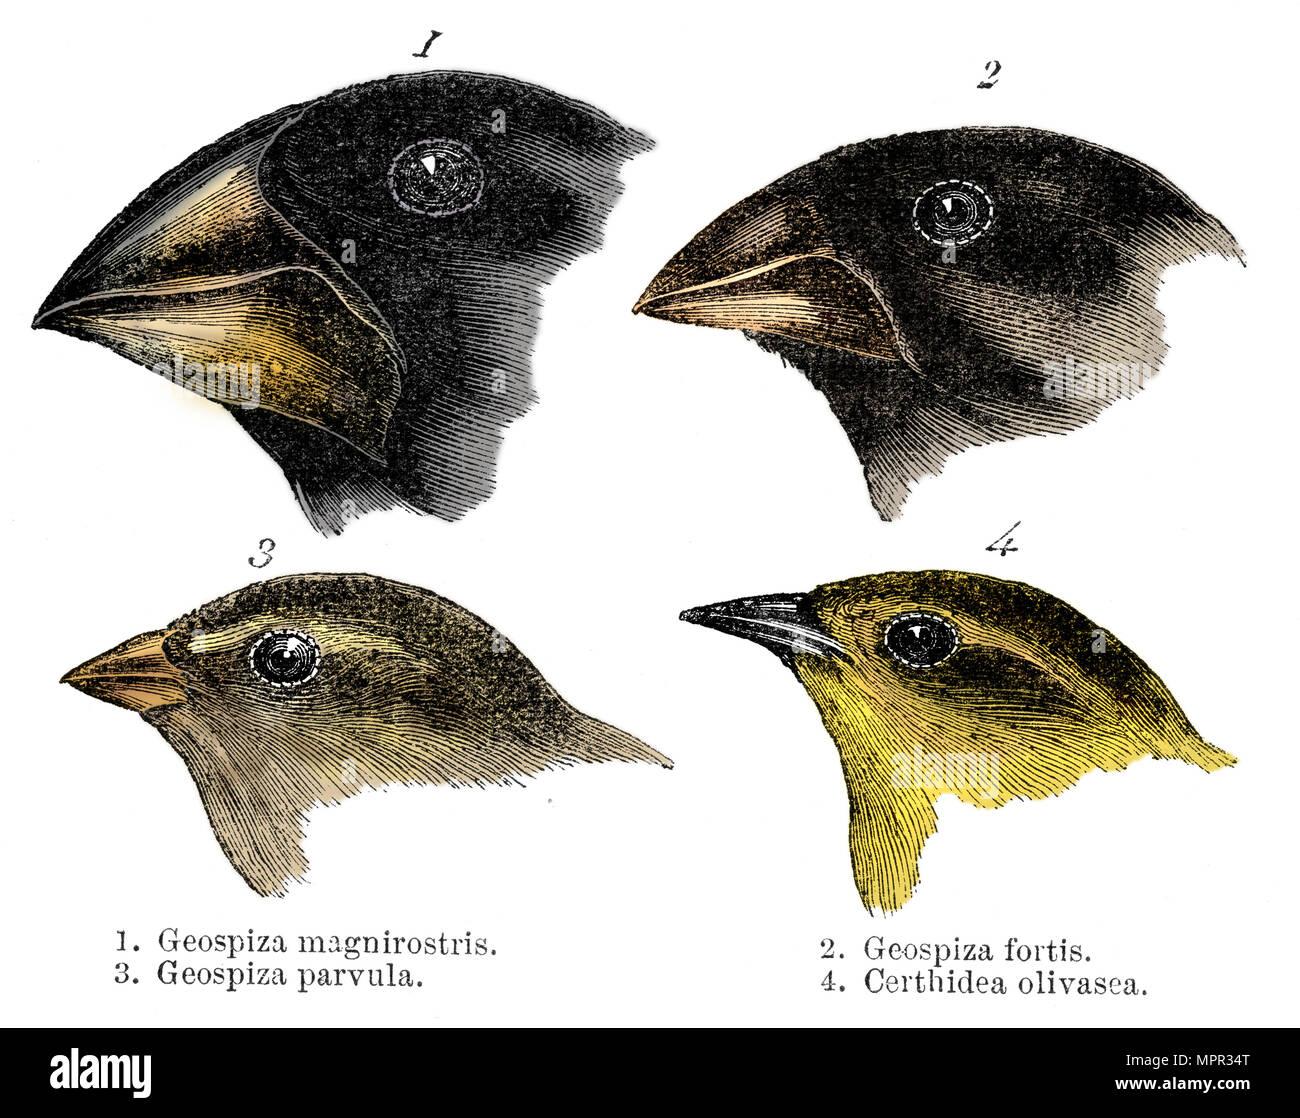 Cuatro Especies De Pinzones Observados Por Darwin En Las